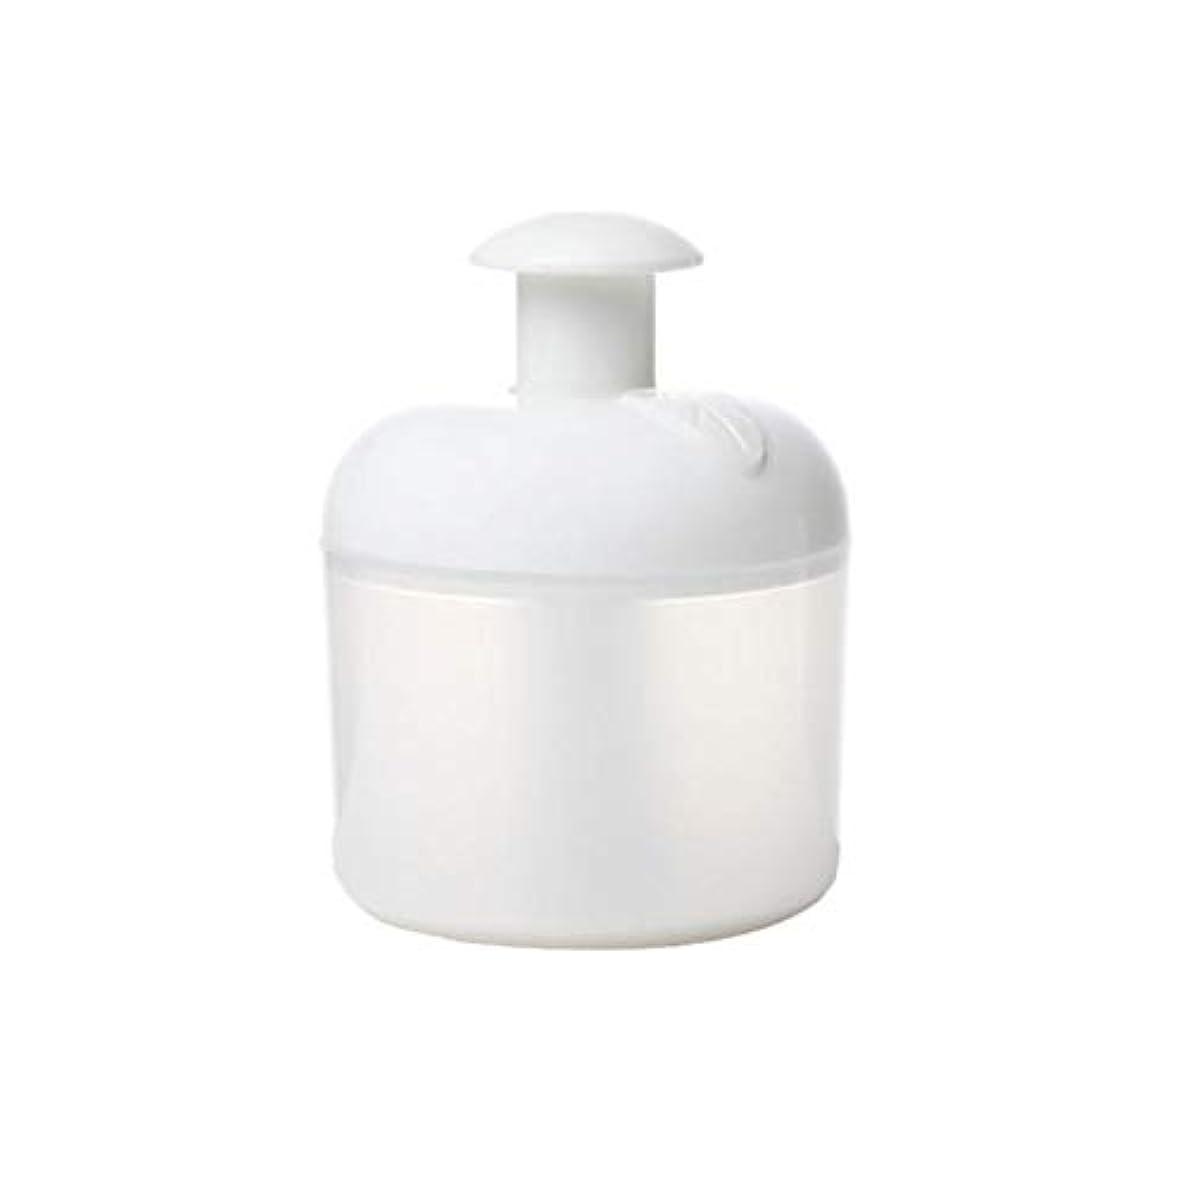 ホーム親愛な同行するマイクロバブルフォーマー - Dewin 洗顔泡立て器 洗顔ネット マイクロホイッパー クリーンツール 7倍の濃厚なバブル 美容グッズ